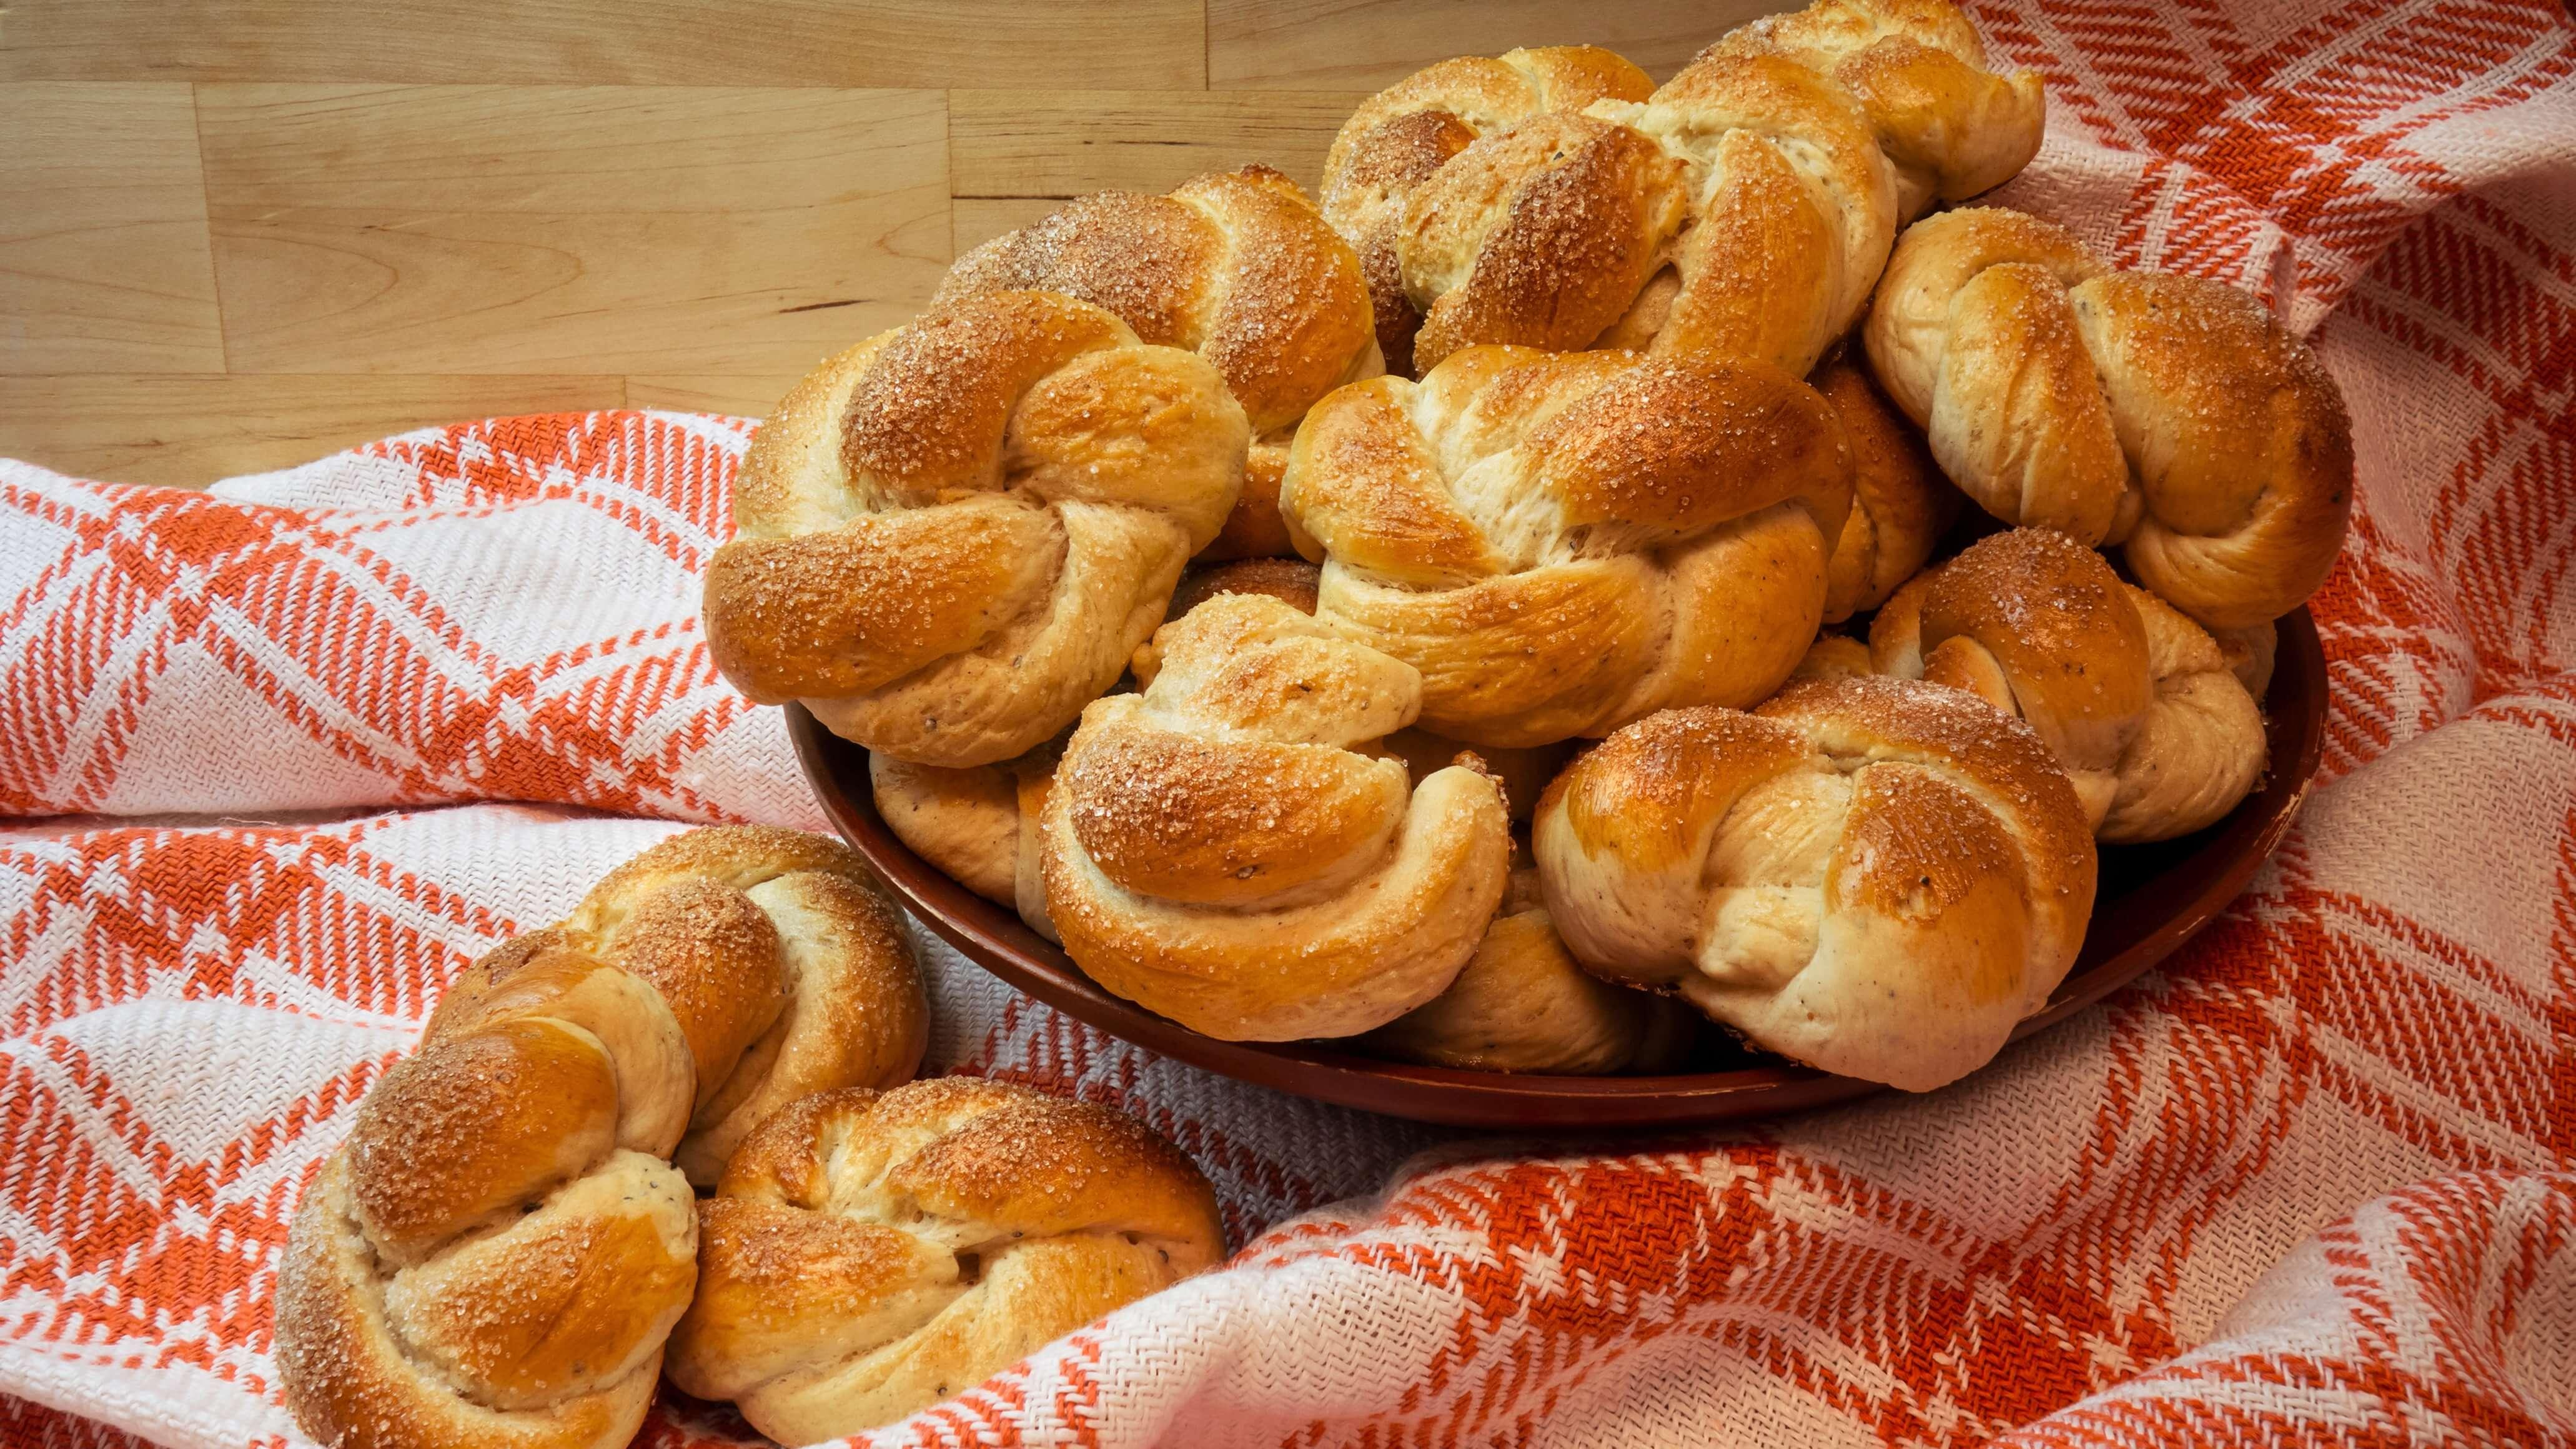 Easy Norwegian Baked Vegan Cardamom Buns